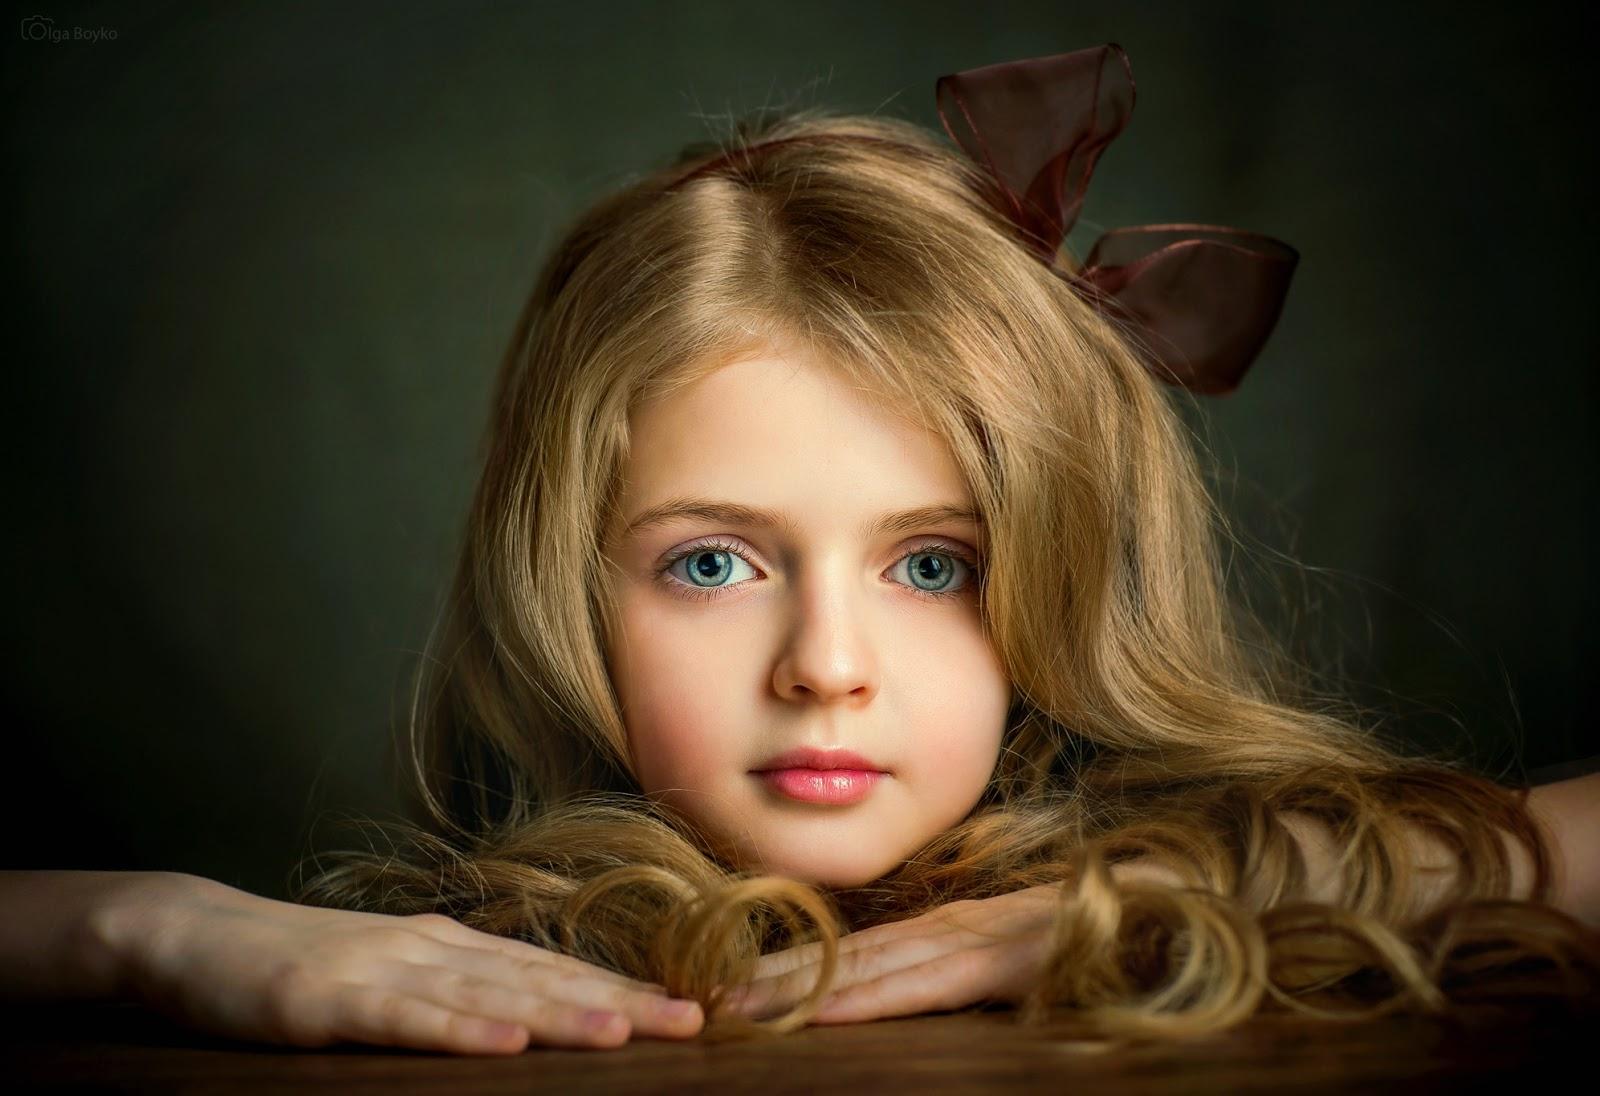 أسباب بطئ نمو شعر الاطفال وكيفية إطالة شعر الأطفال